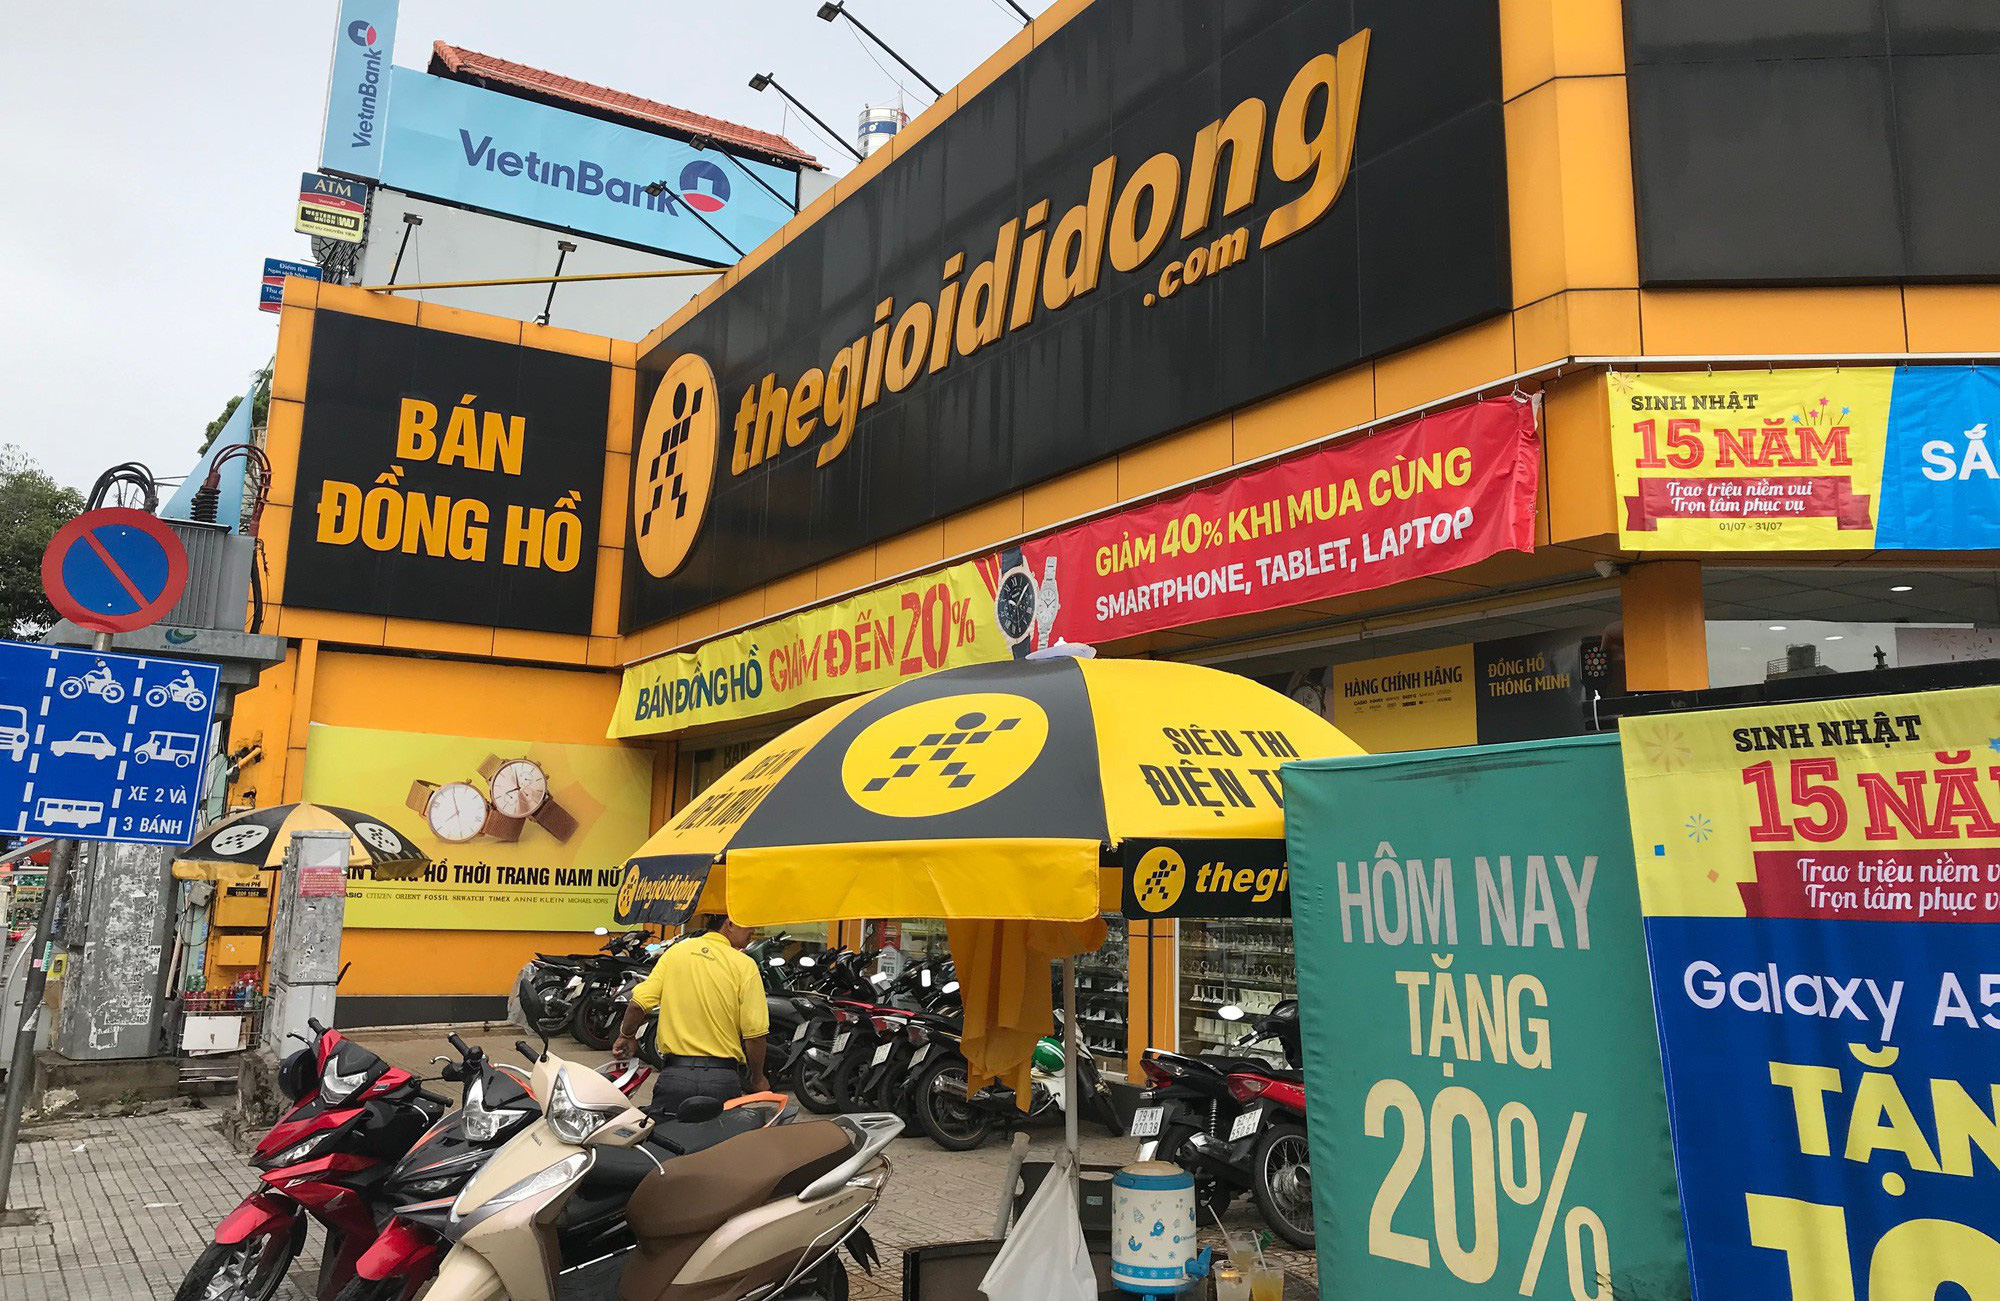 """Mỗi ngày, đại gia Nam Định Nguyễn Đức Tài """"hy sinh"""" 1,6 tỷ lãi vay - Ảnh 3."""